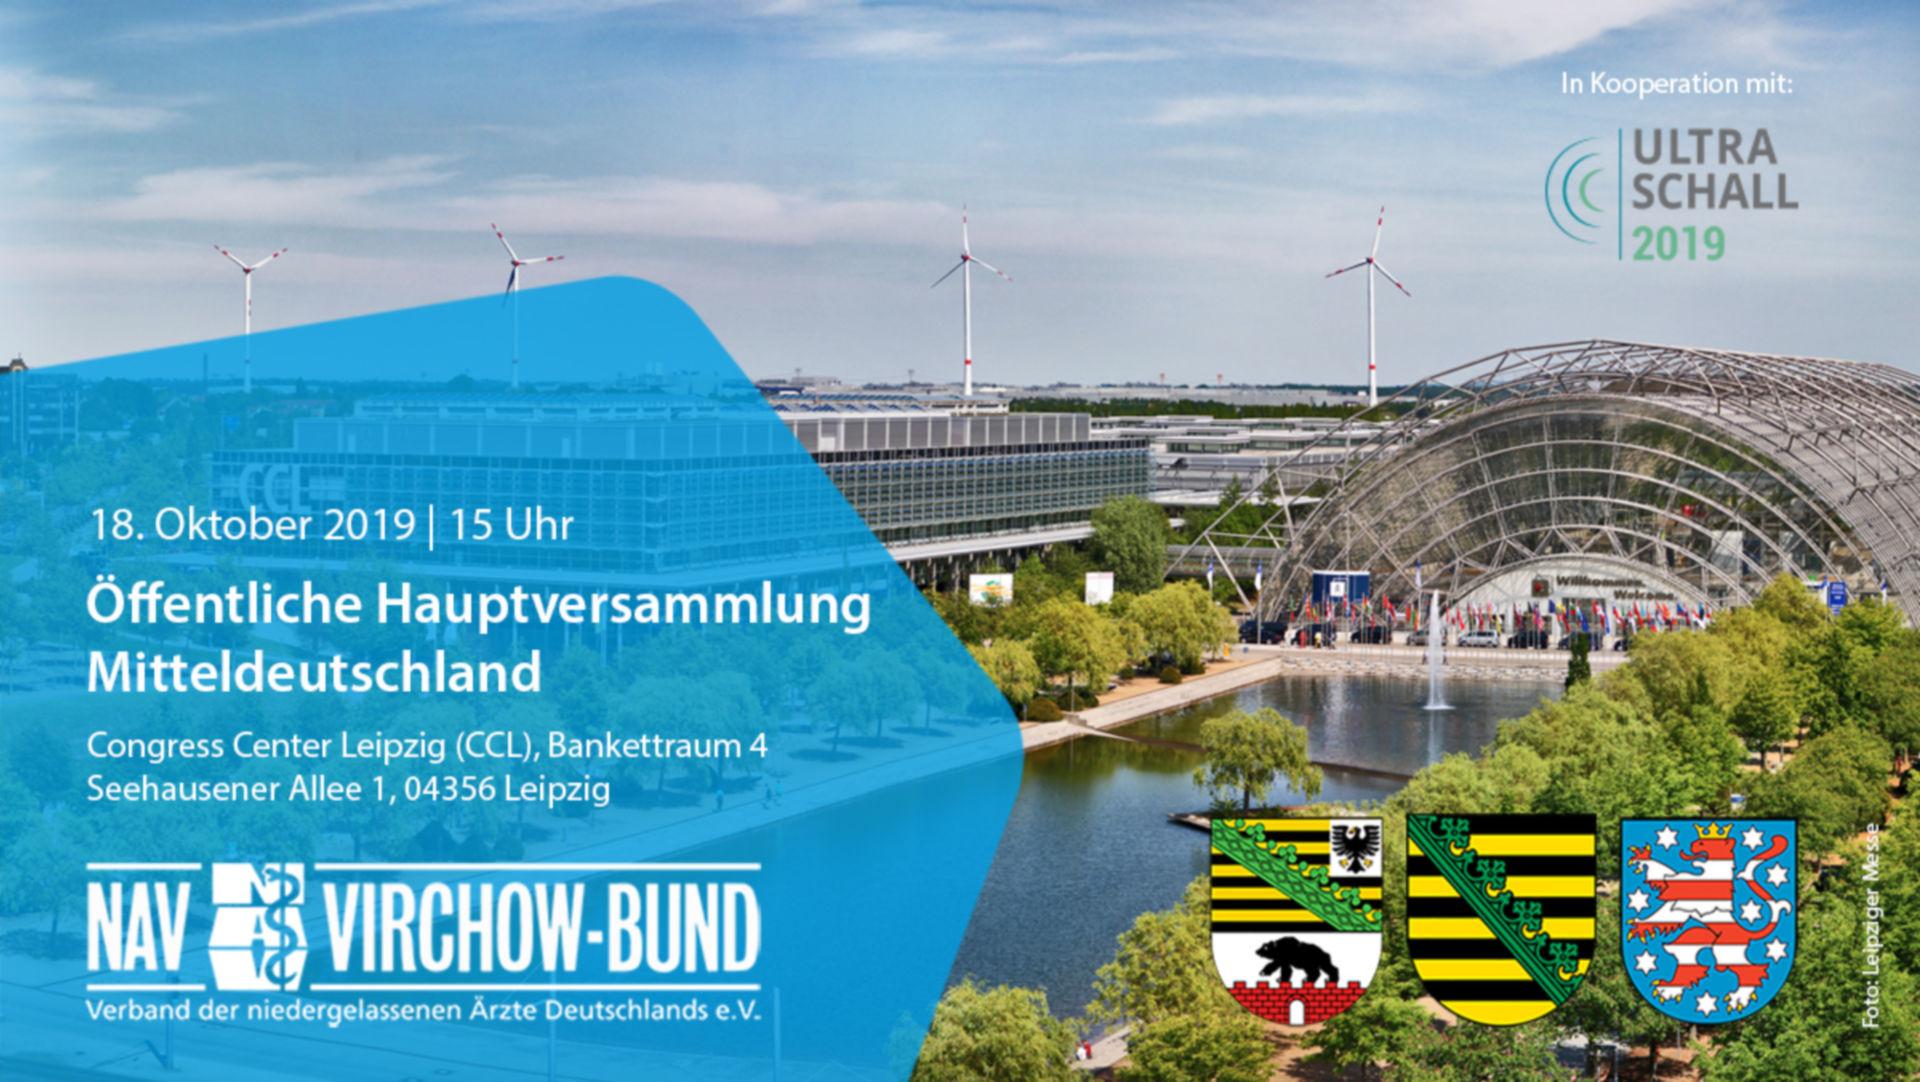 Einladung: Landeshauptversammlung Mitteldeutschland im NAV-Virchow-Bund